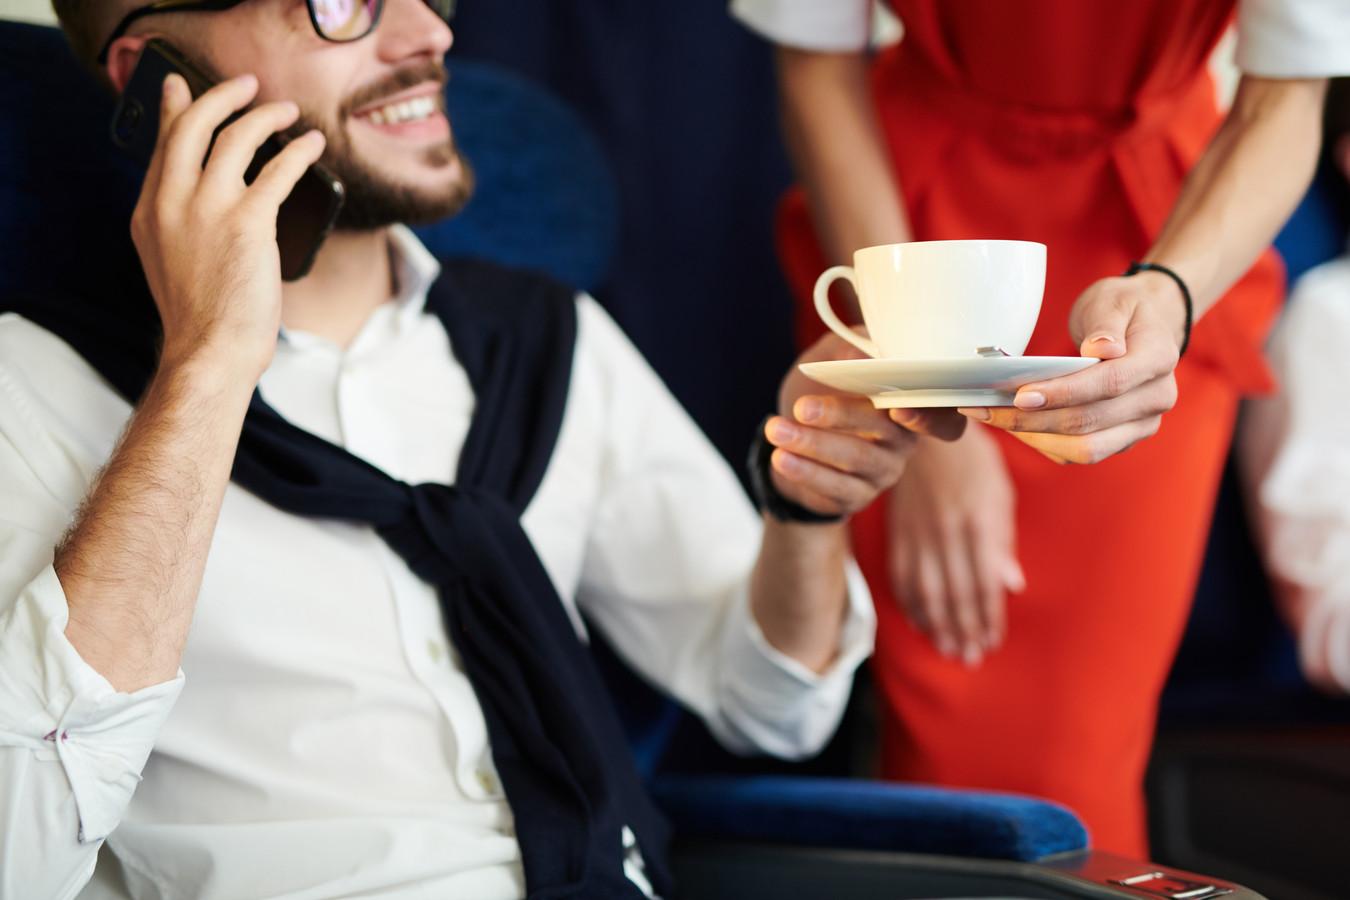 Een kopje koffie in het vliegtuig is niet zonder risico, voor passagier én vliegtuigmaatschappij.